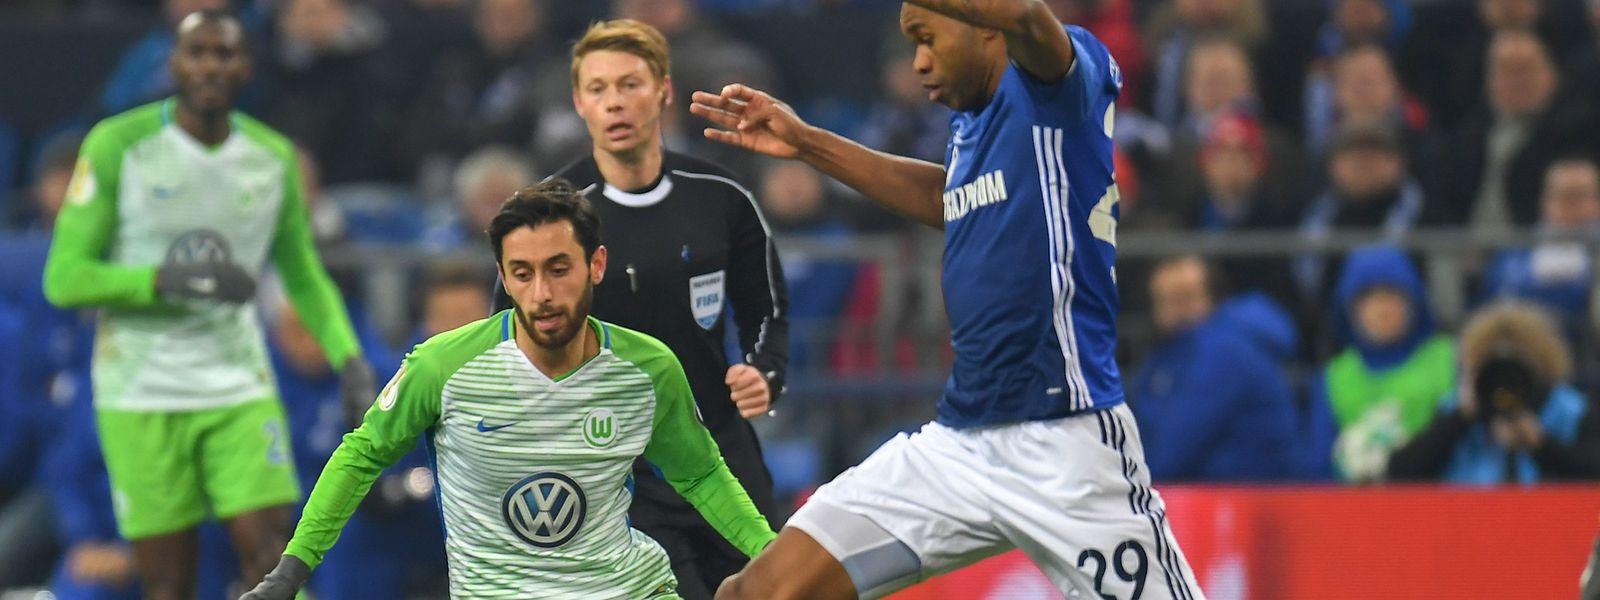 Yunus Malli und Co. fanden kein Mittel gegen Schalkes Defensive um Naldo (r.).